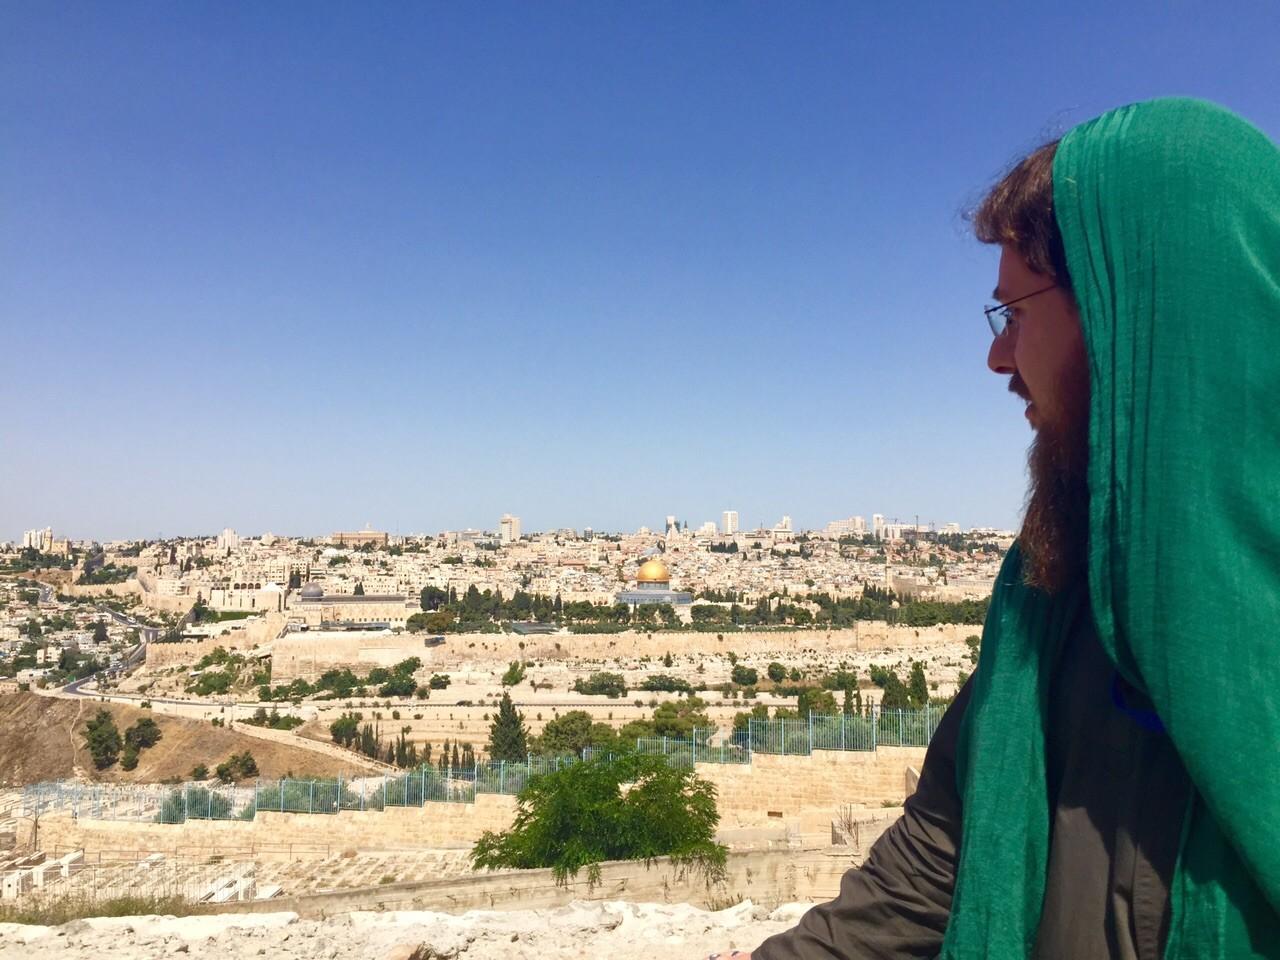 Araştırmacı Yazar Süleyman Yasin AKDENİZ Mescid-i Aksa Kudüs Programlarını ilan Etti